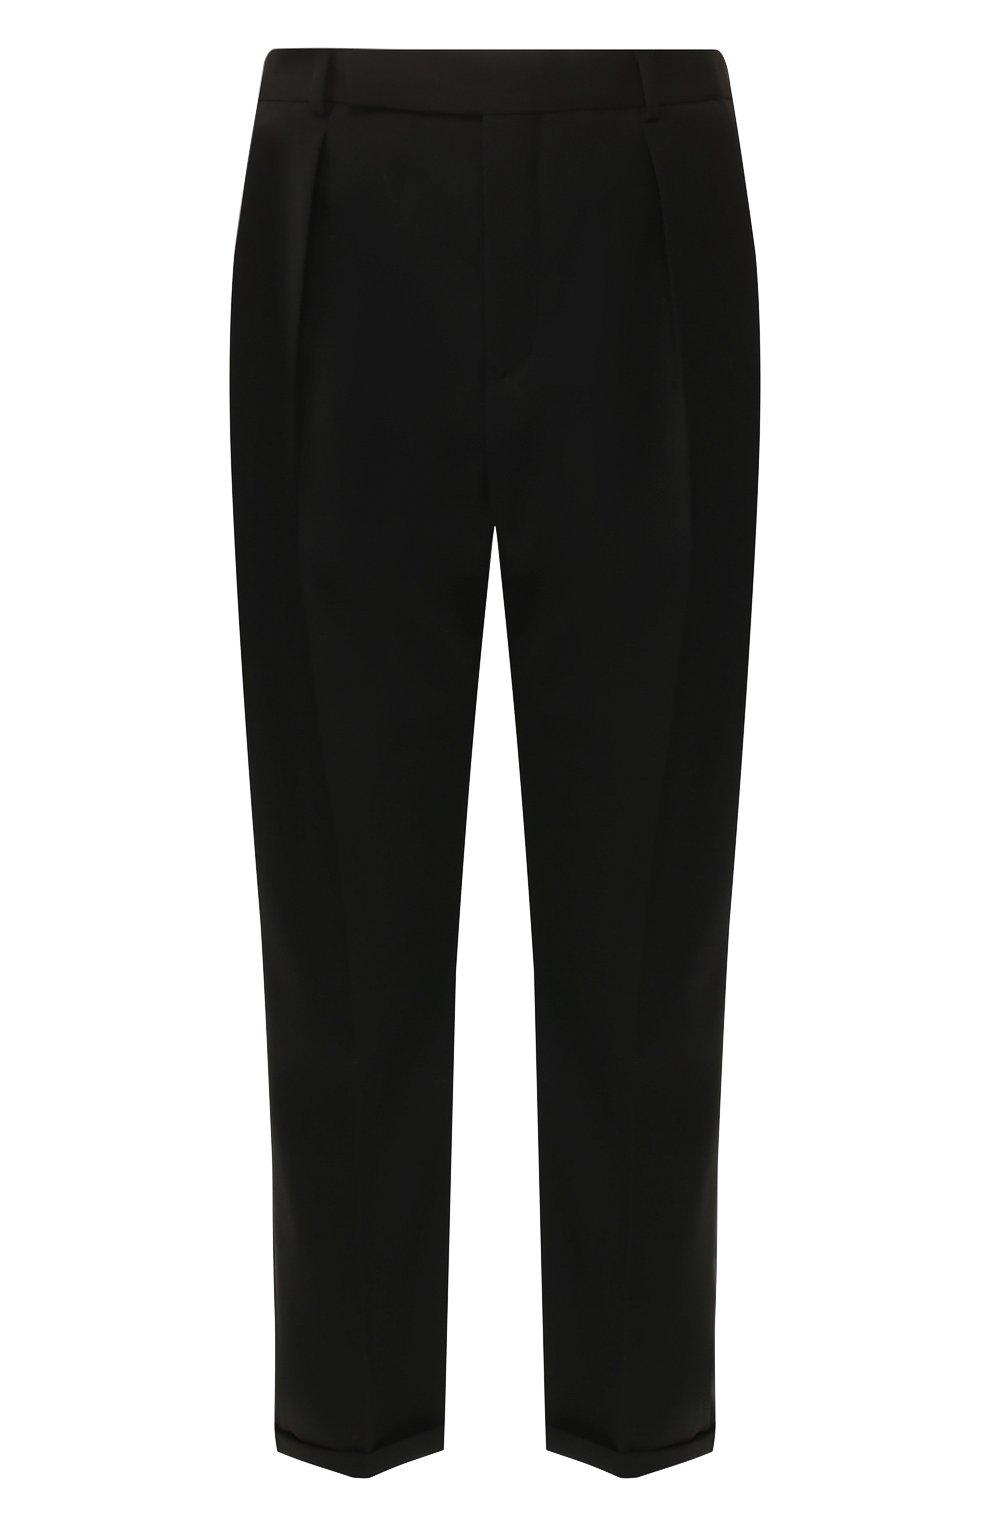 Мужские шерстяные брюки SAINT LAURENT черного цвета, арт. 563592/Y028V | Фото 1 (Материал внешний: Шерсть; Длина (брюки, джинсы): Стандартные; Случай: Повседневный, Формальный; Стили: Классический; Материал подклада: Шелк)